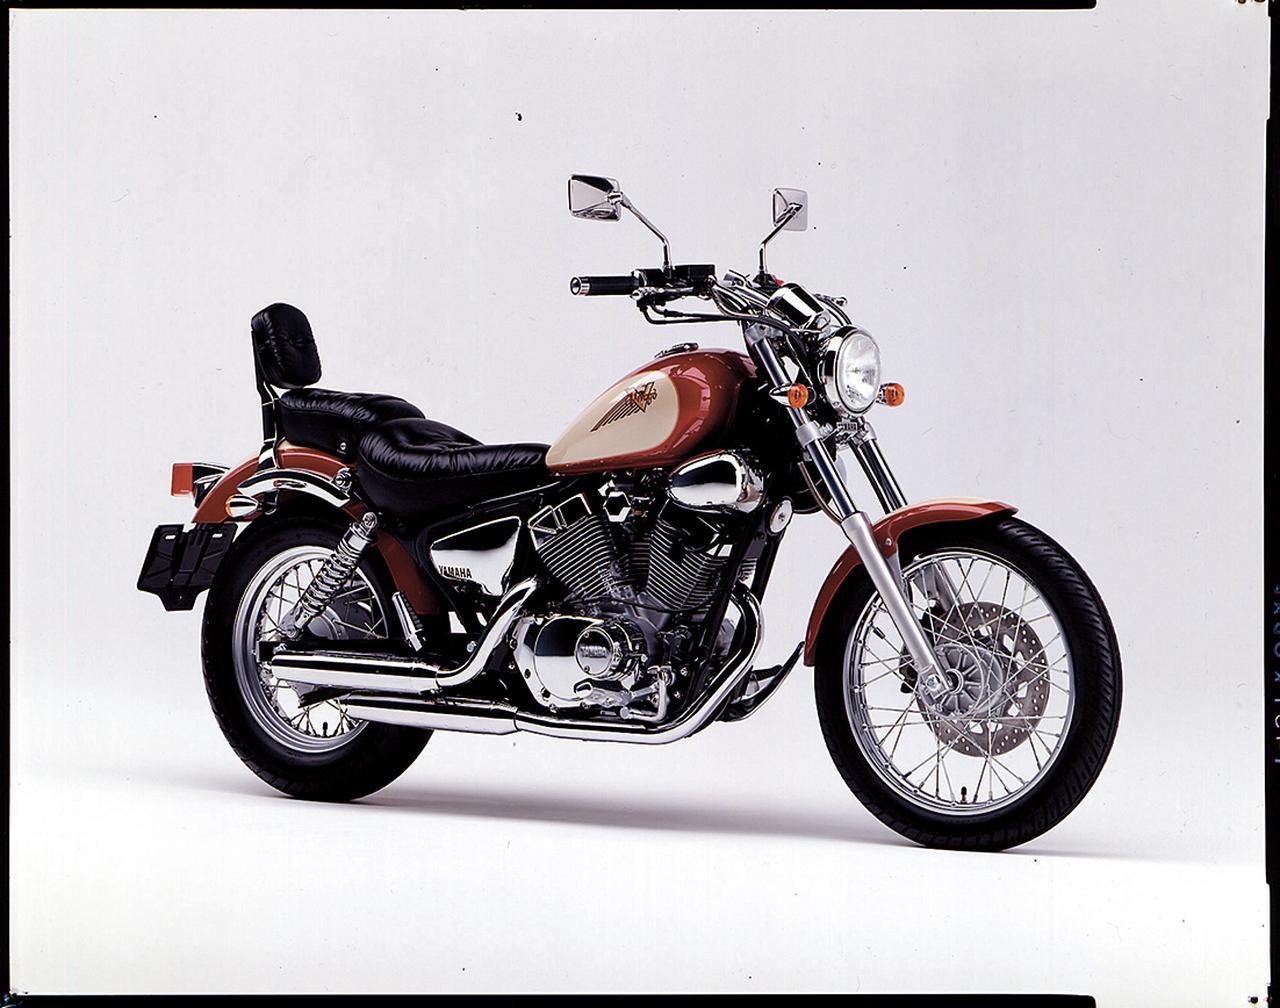 画像: 1994/2 YAMAHA XV250ビラーゴ 88年に初登場したビラーゴ250は94年モデルで専用カラー、サイドカバーメッキなどを施したSをラインナップ。カスタム派に人気のニーハンアメリカン。